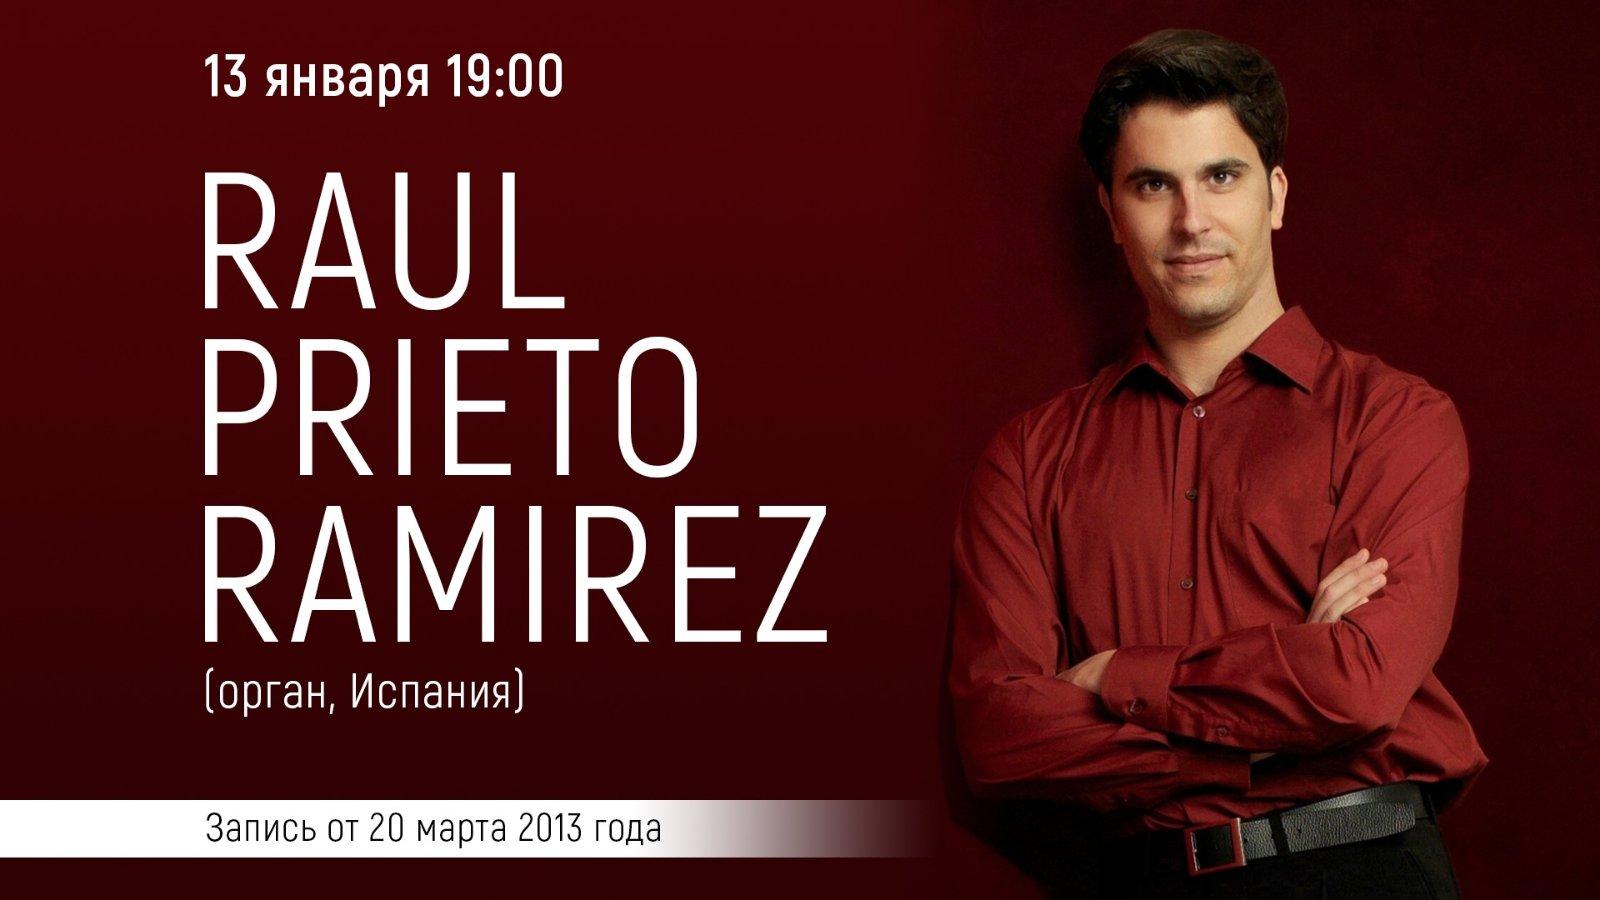 Онлайн-трансляция выступления Рауля Прието Рамиреса (орган, Испания)